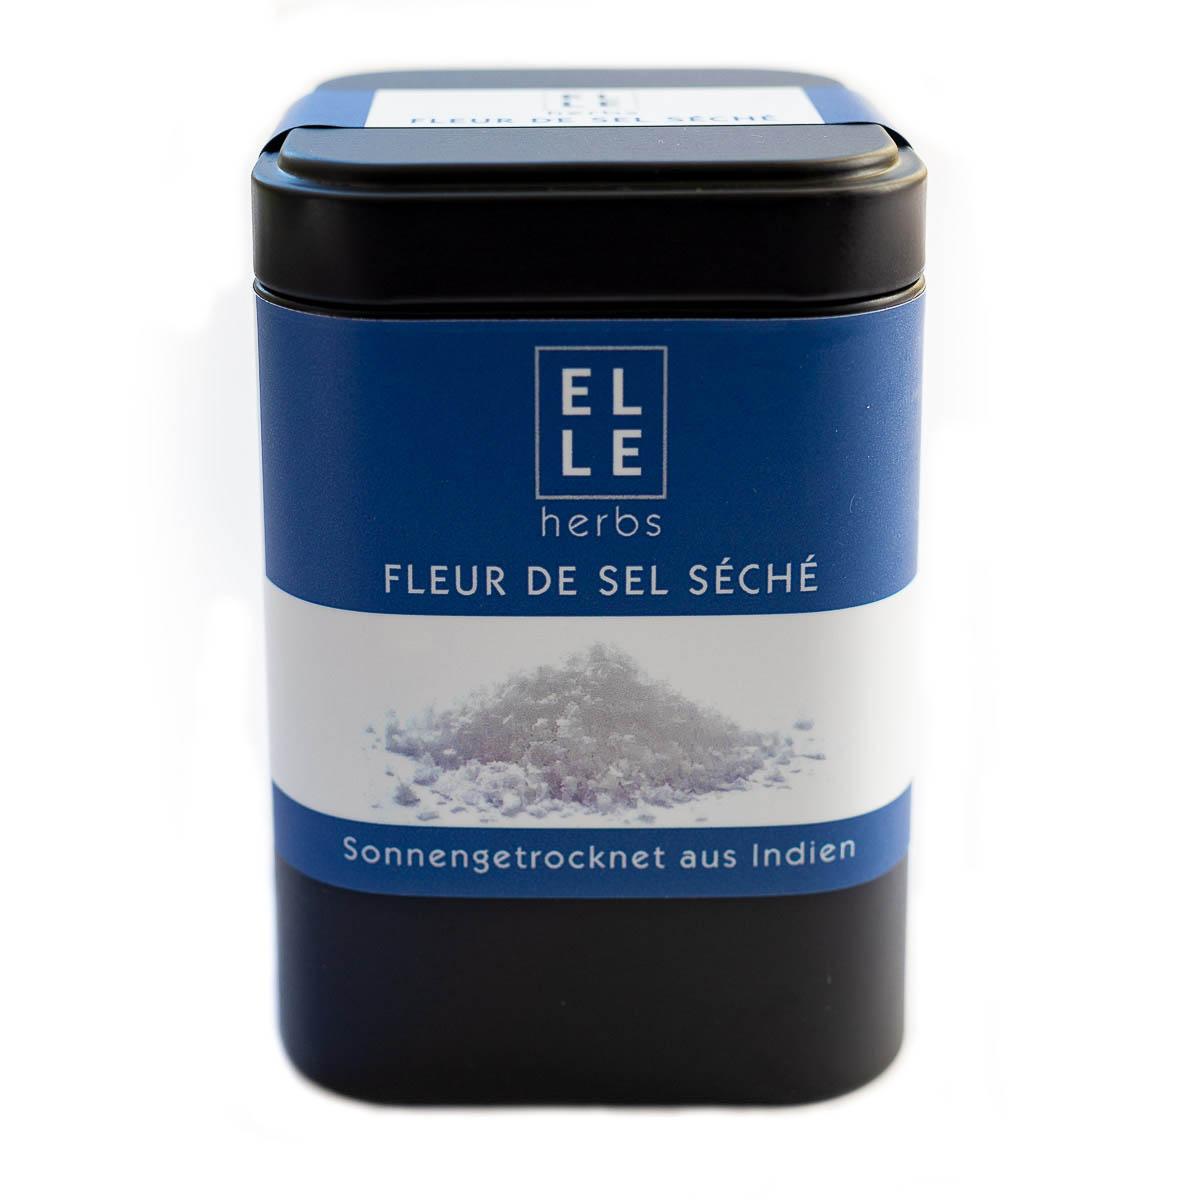 Fleur de Sel Séché von Elle Herbs